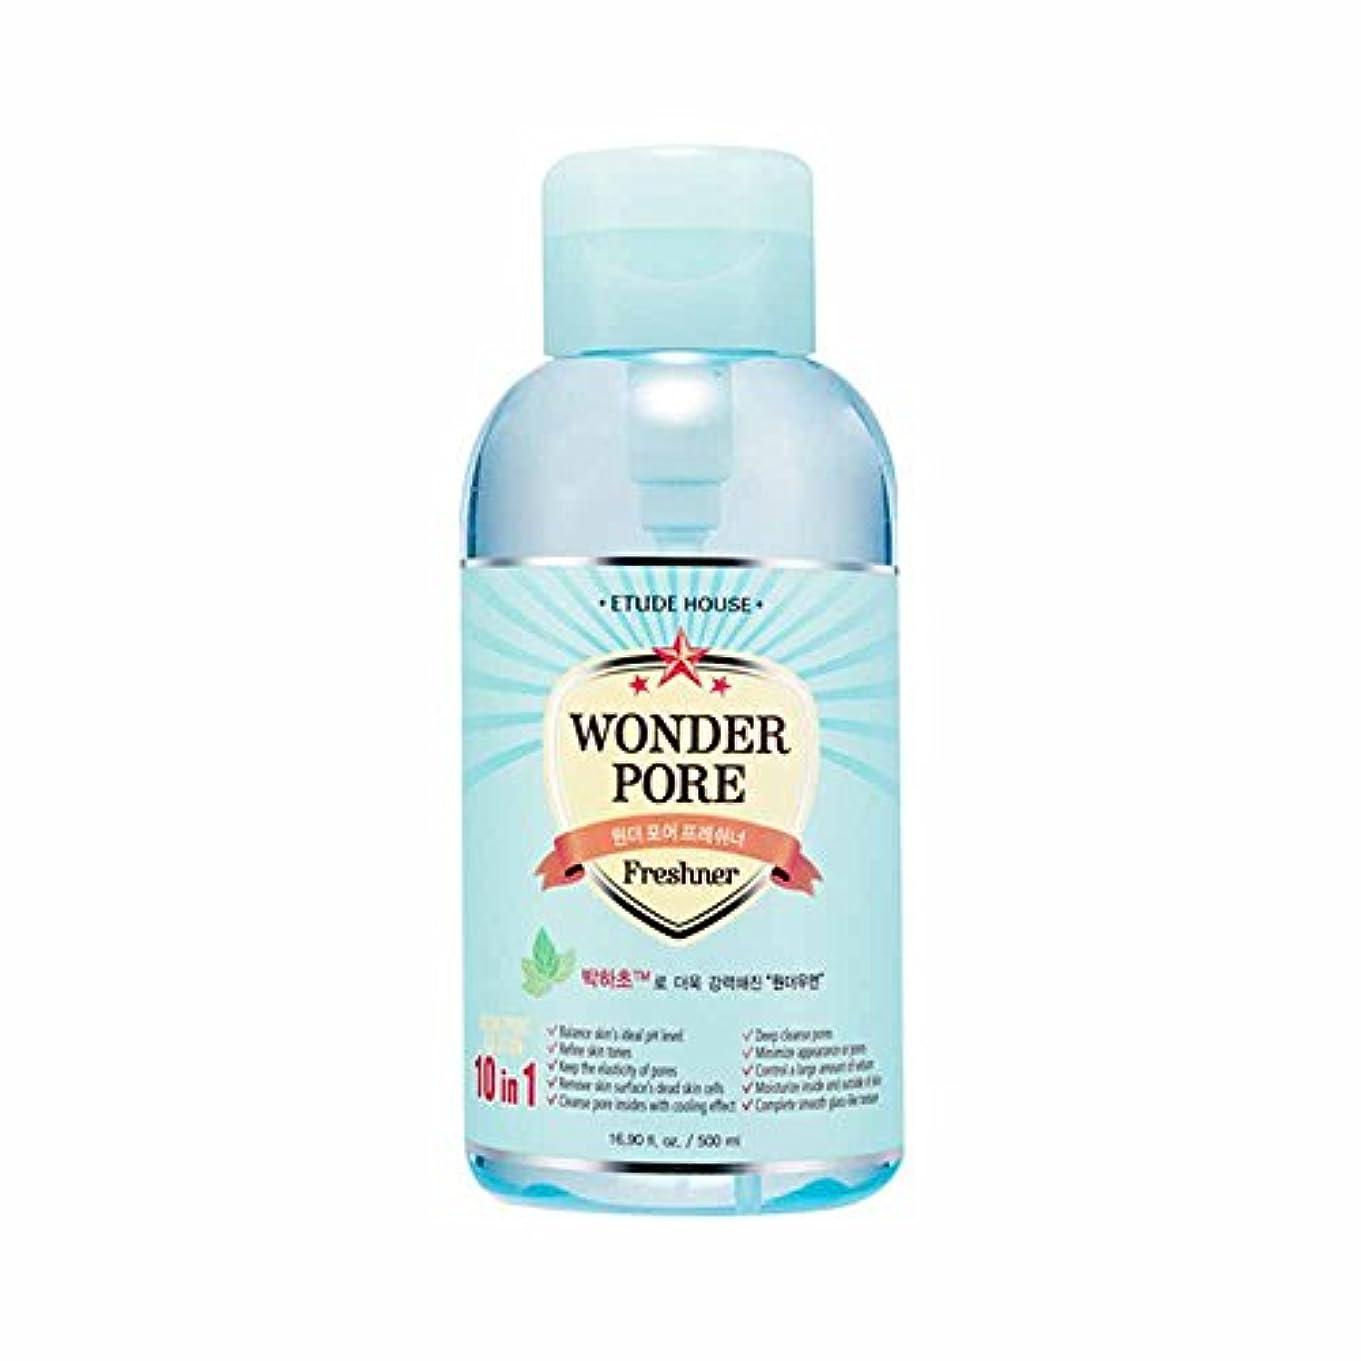 ブロッサム雰囲気南アメリカ(6 Pack) ETUDE HOUSE Wonder Pore Freshner 10 in 1,500 mL (並行輸入品)